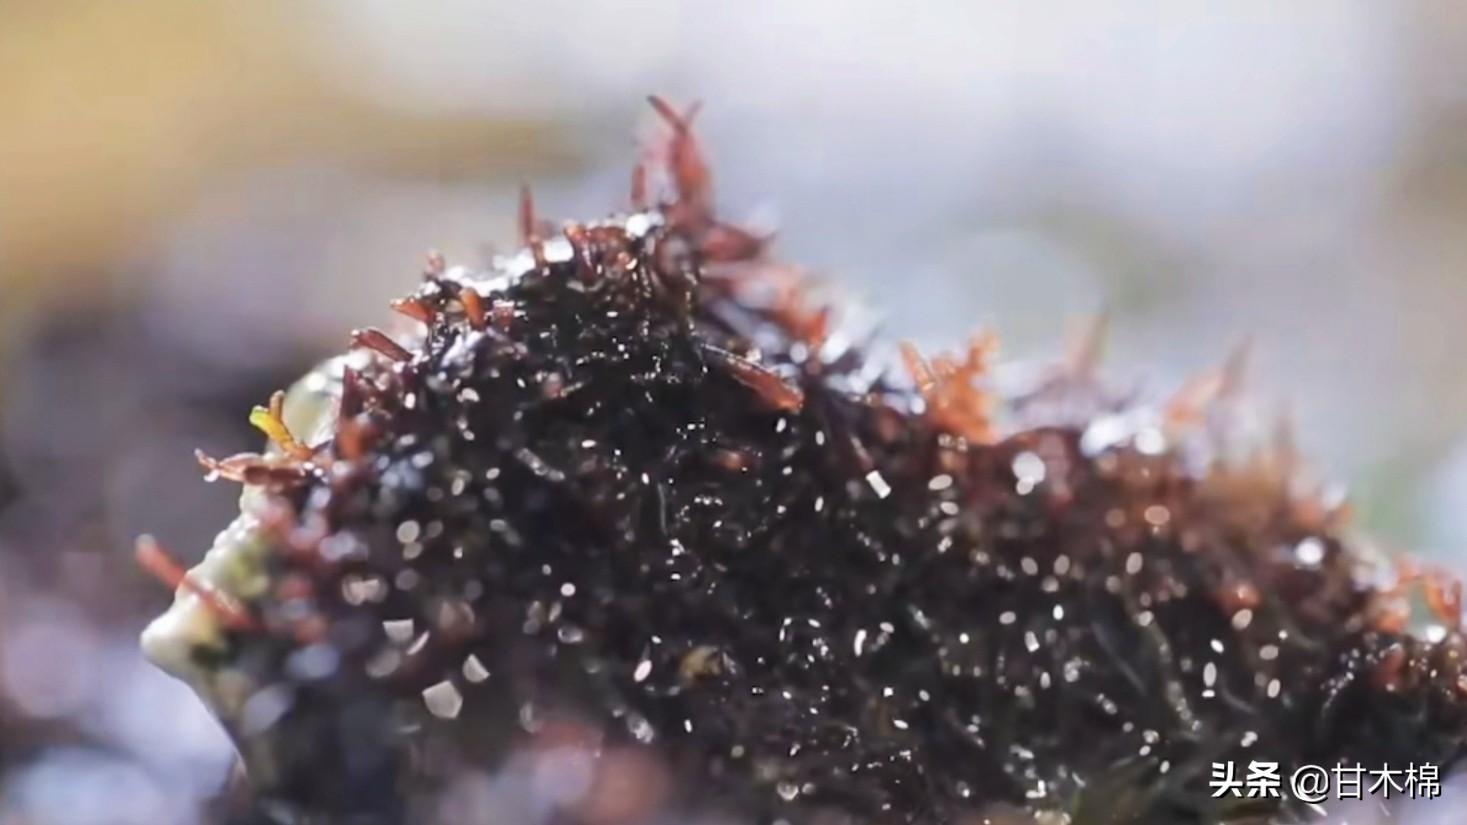 以下这些植物竟然是制作凉粉的原料?快来看看你认识多少种